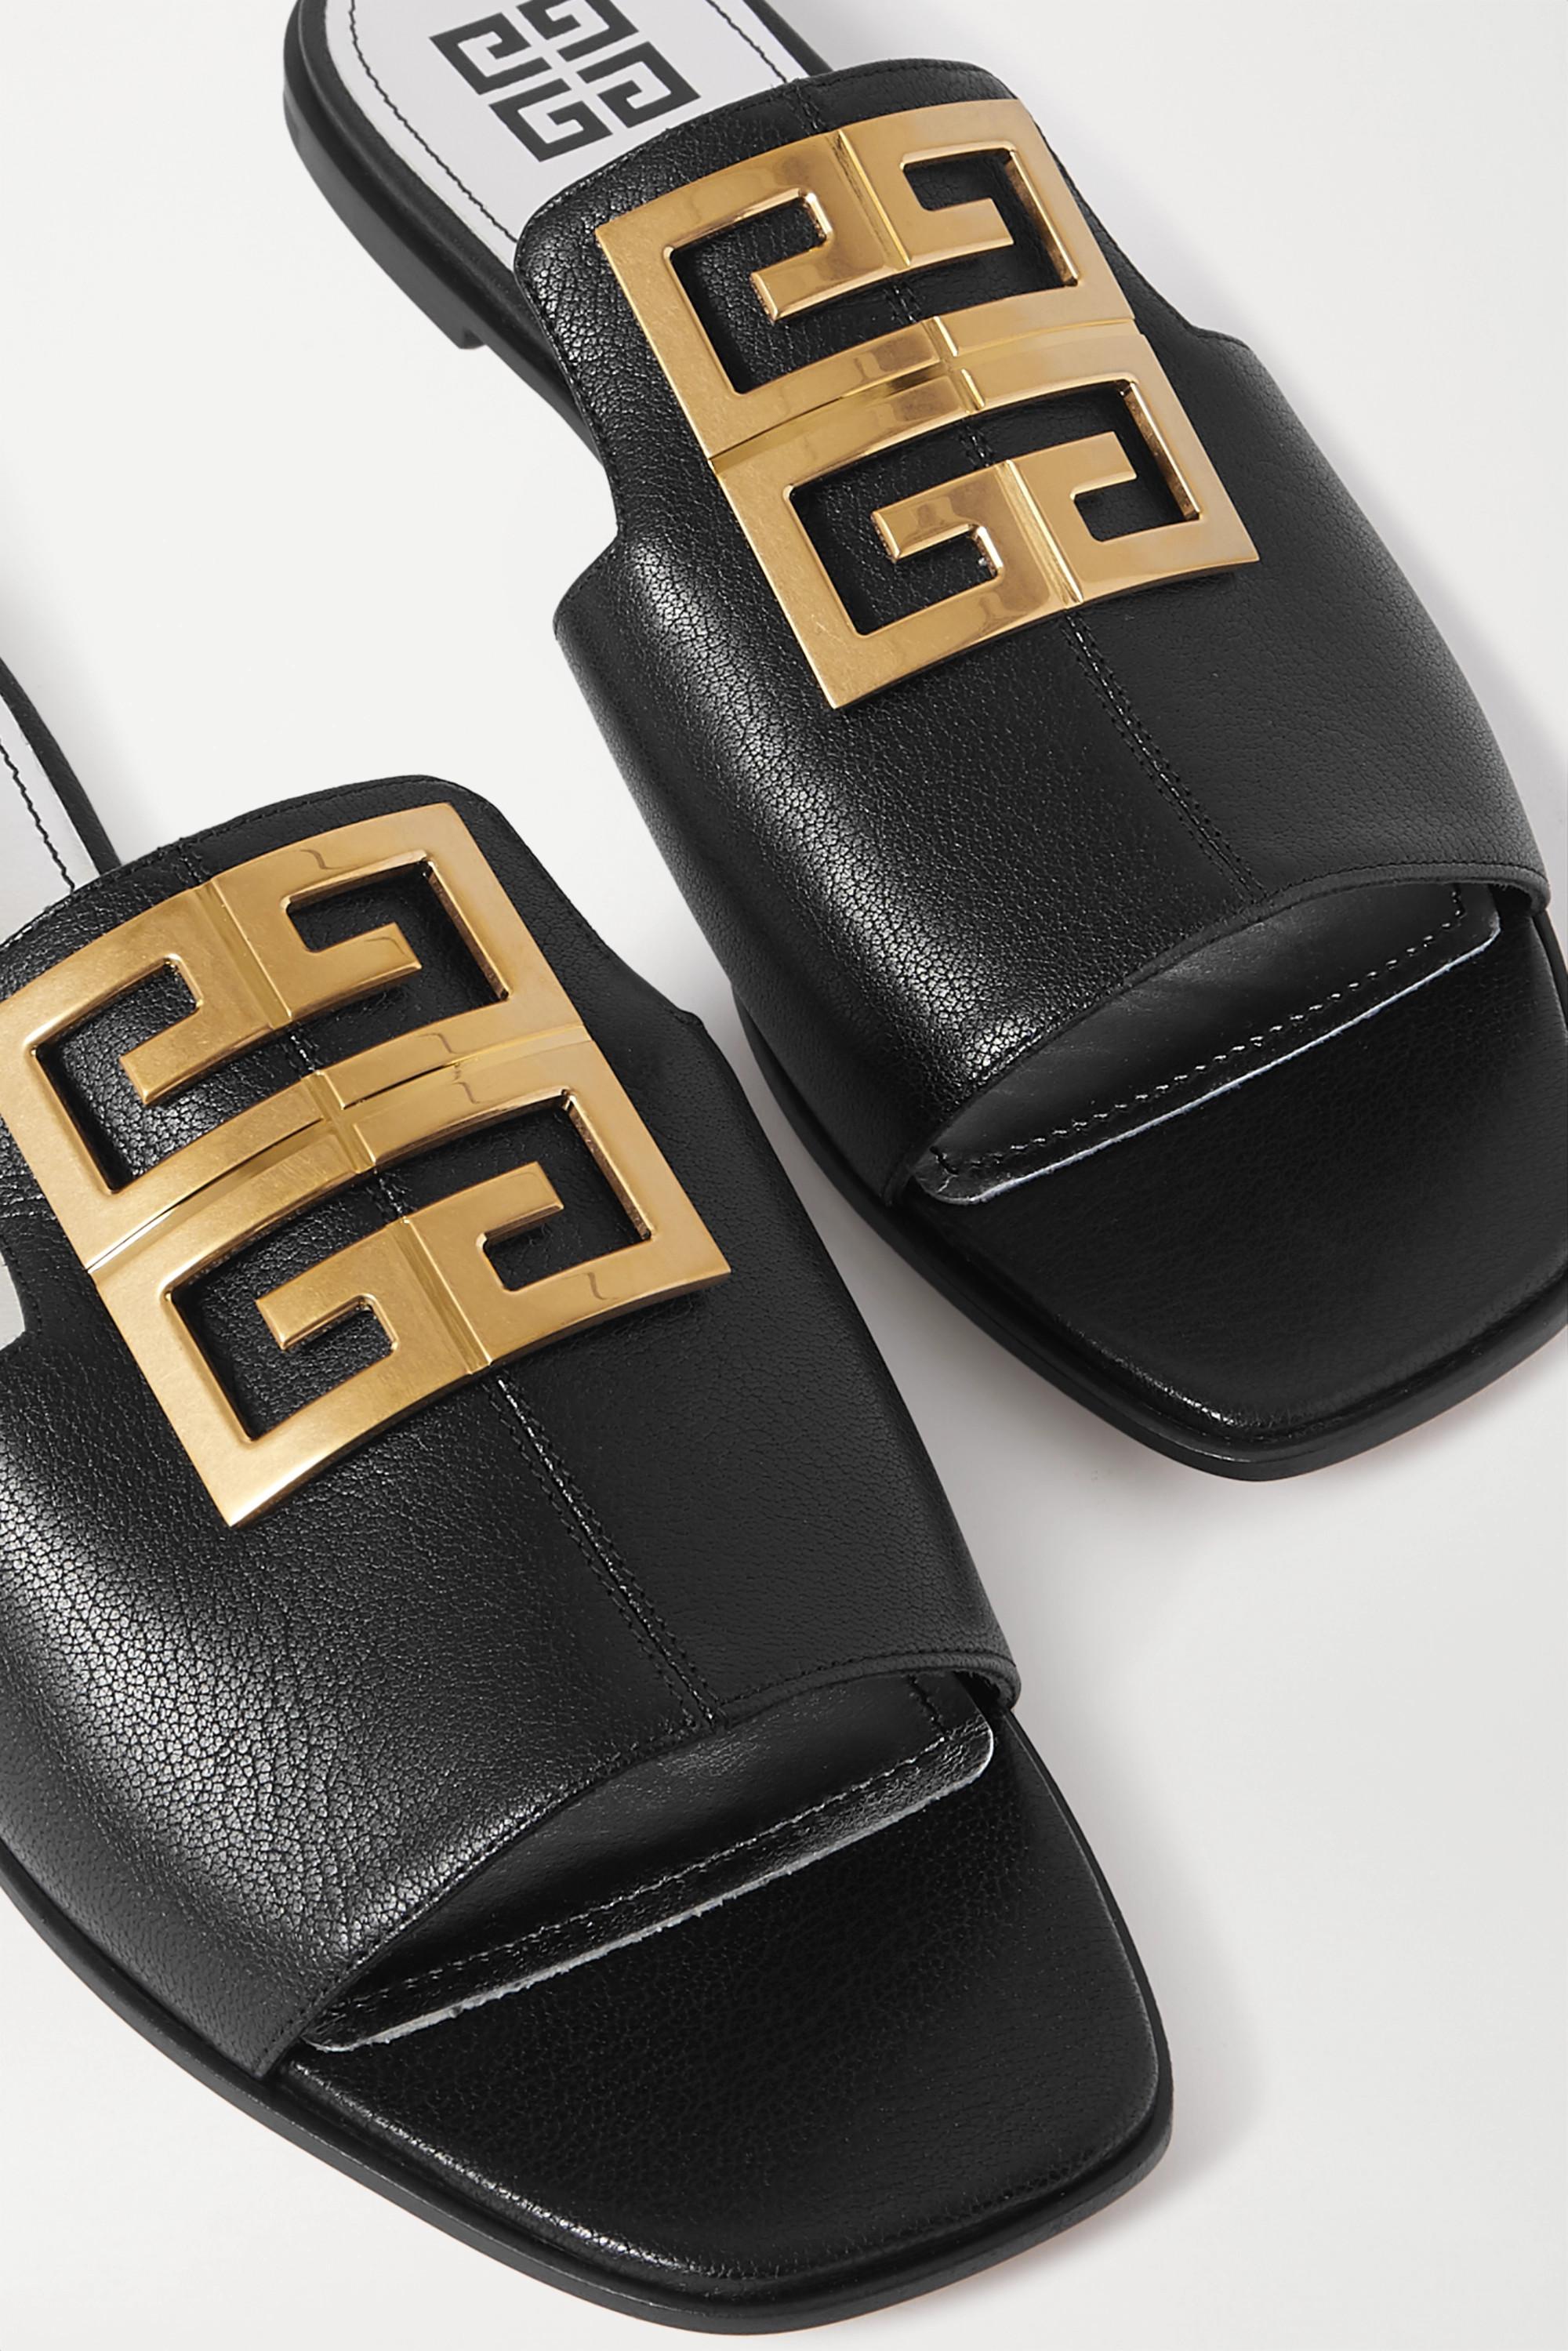 Givenchy 4G logo-embellished leather sandals